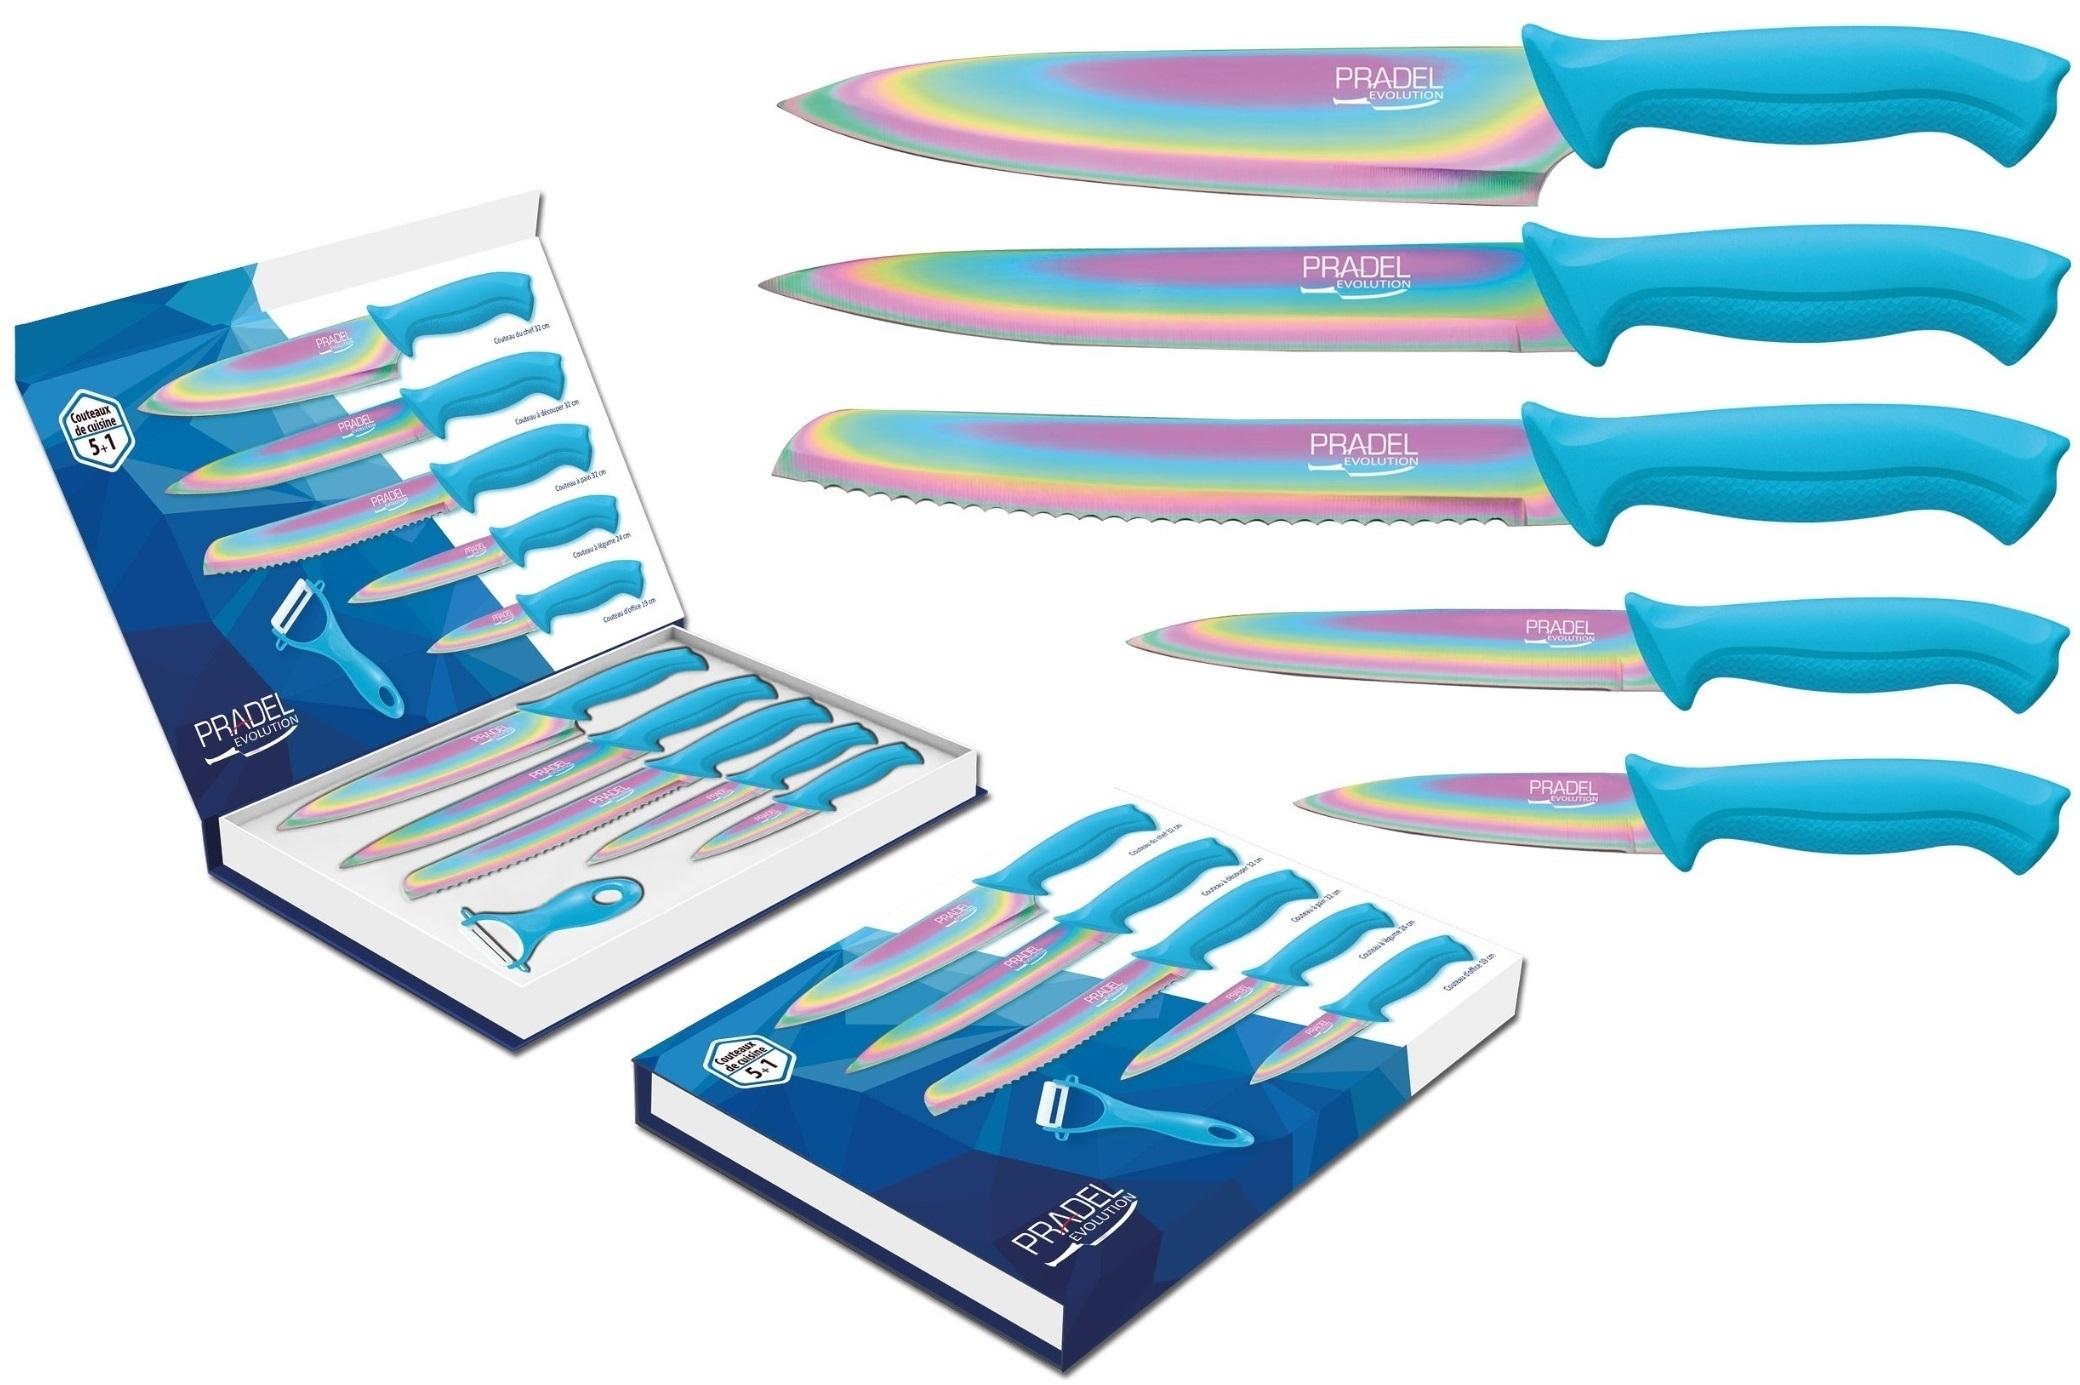 Coffret couteaux PRADEL couteau de cuisine table - Titane multi bleu